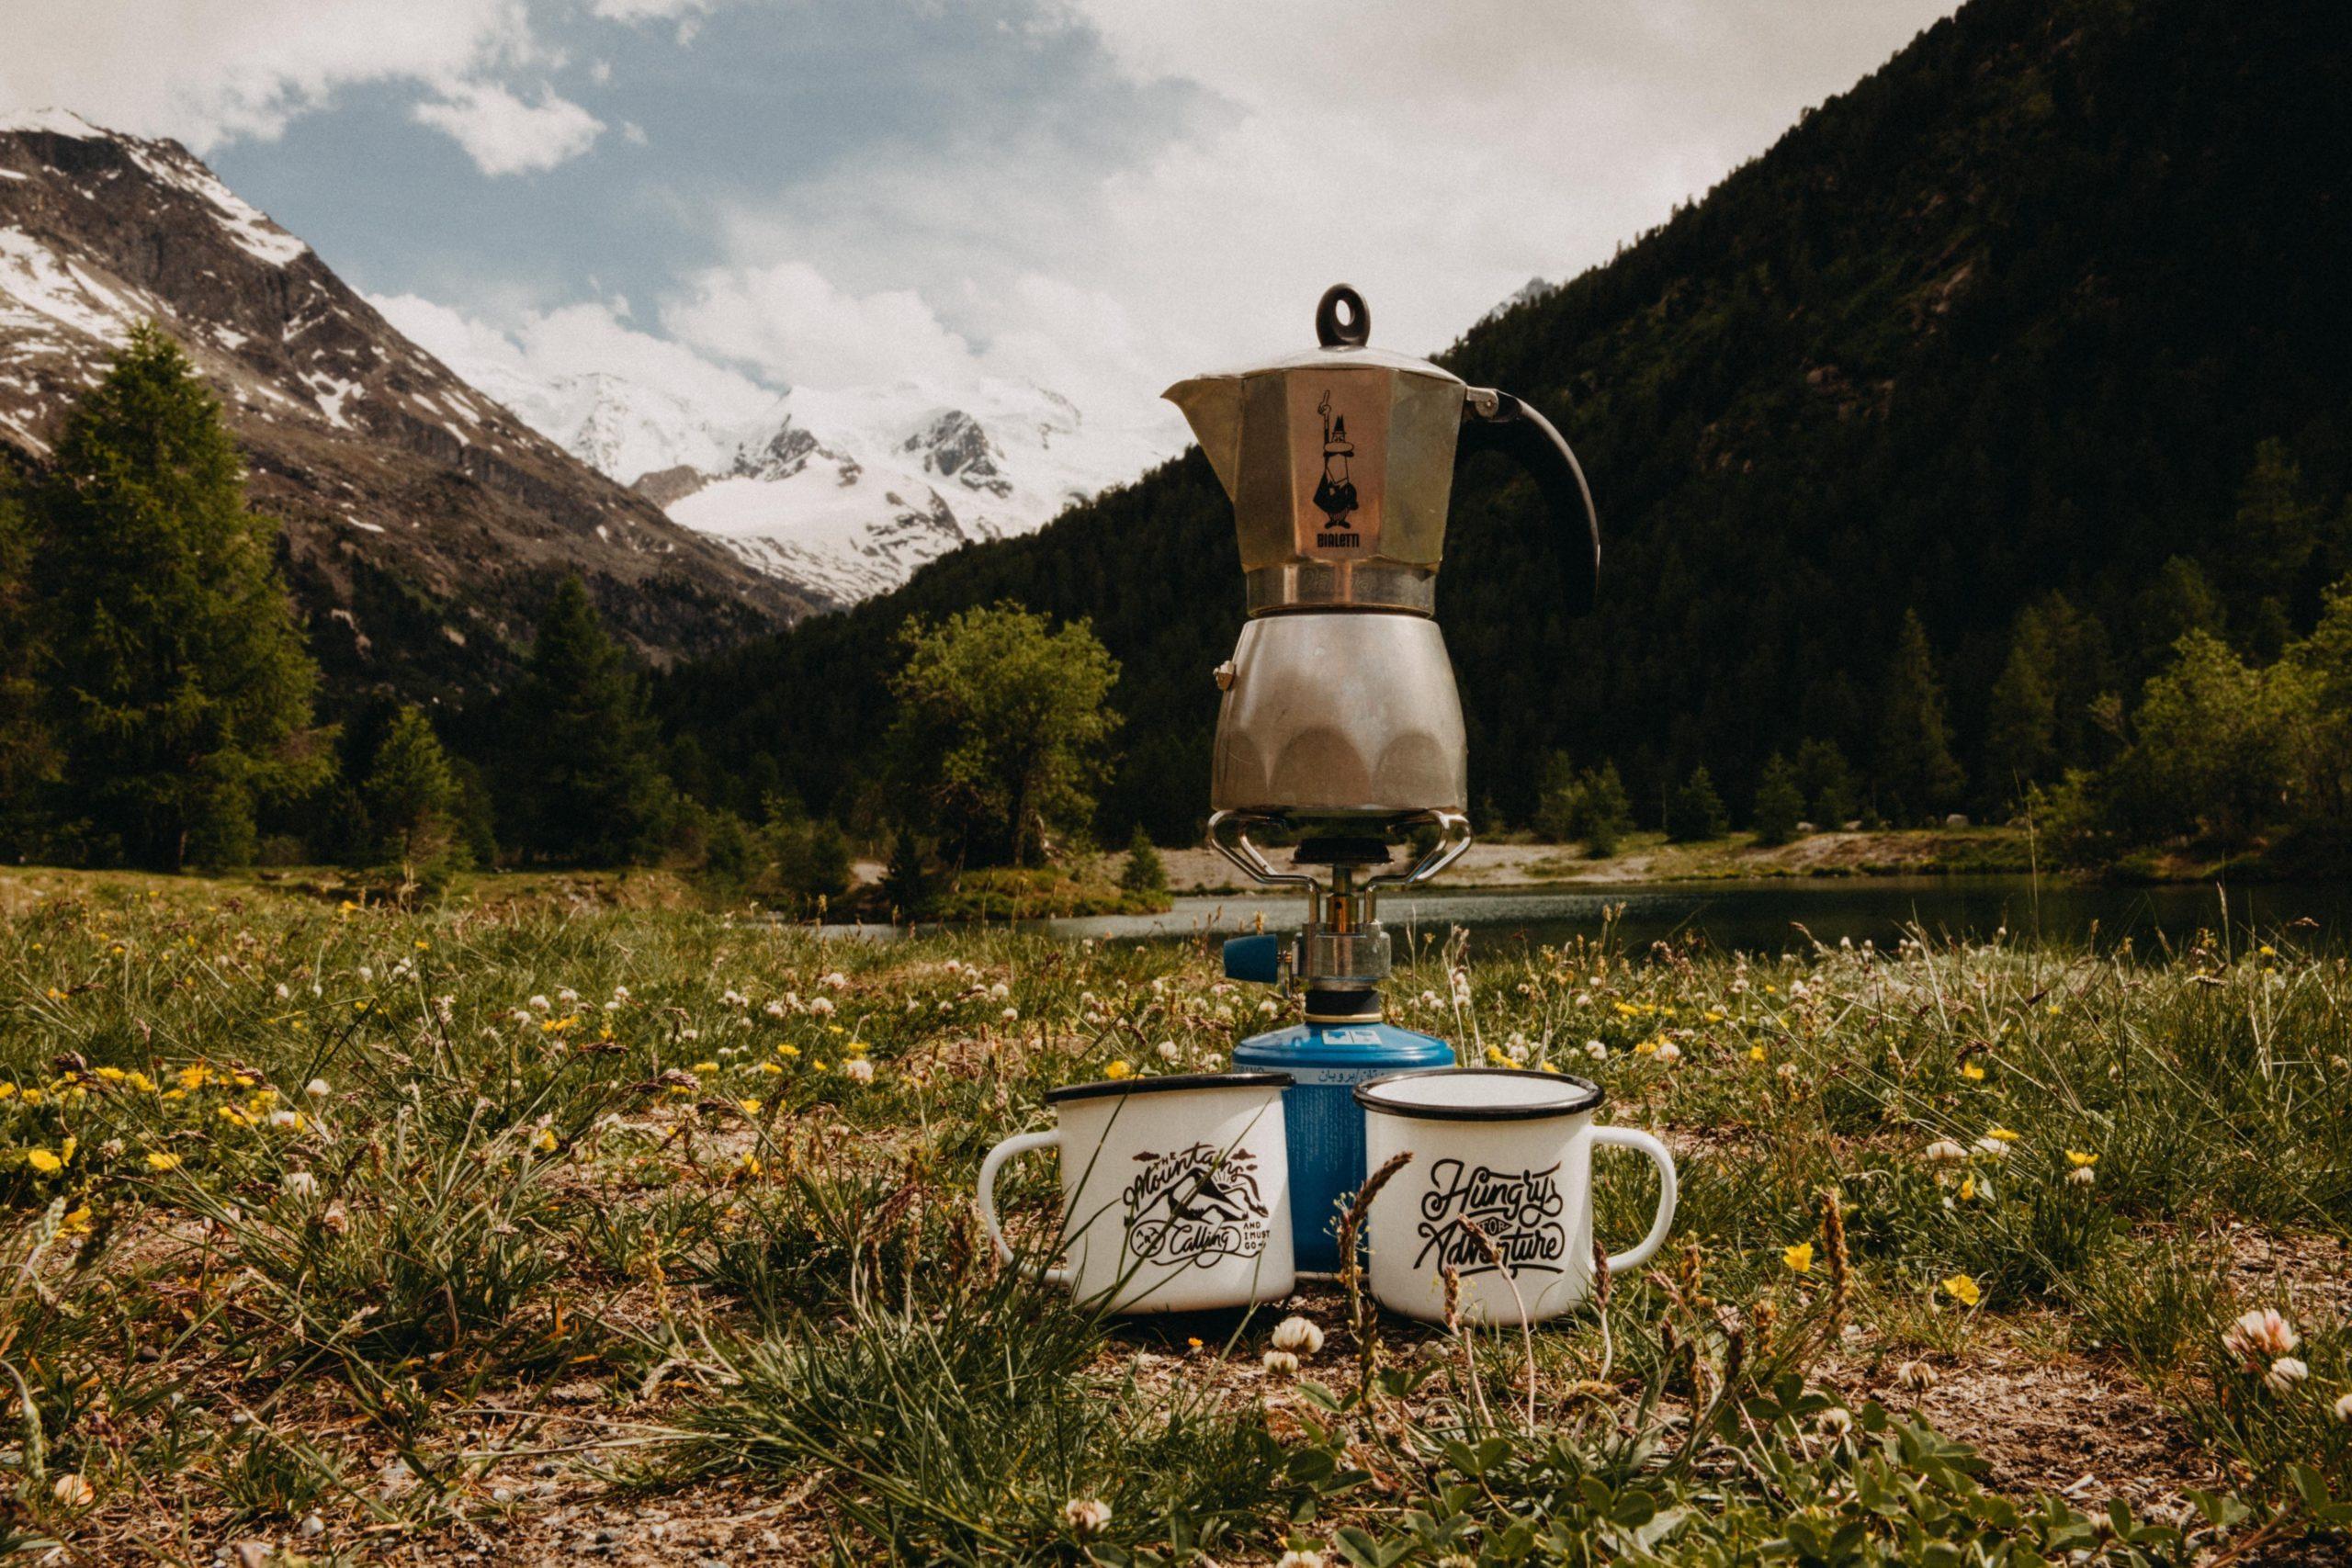 キャンプで飲むコーヒーは最高なのか?